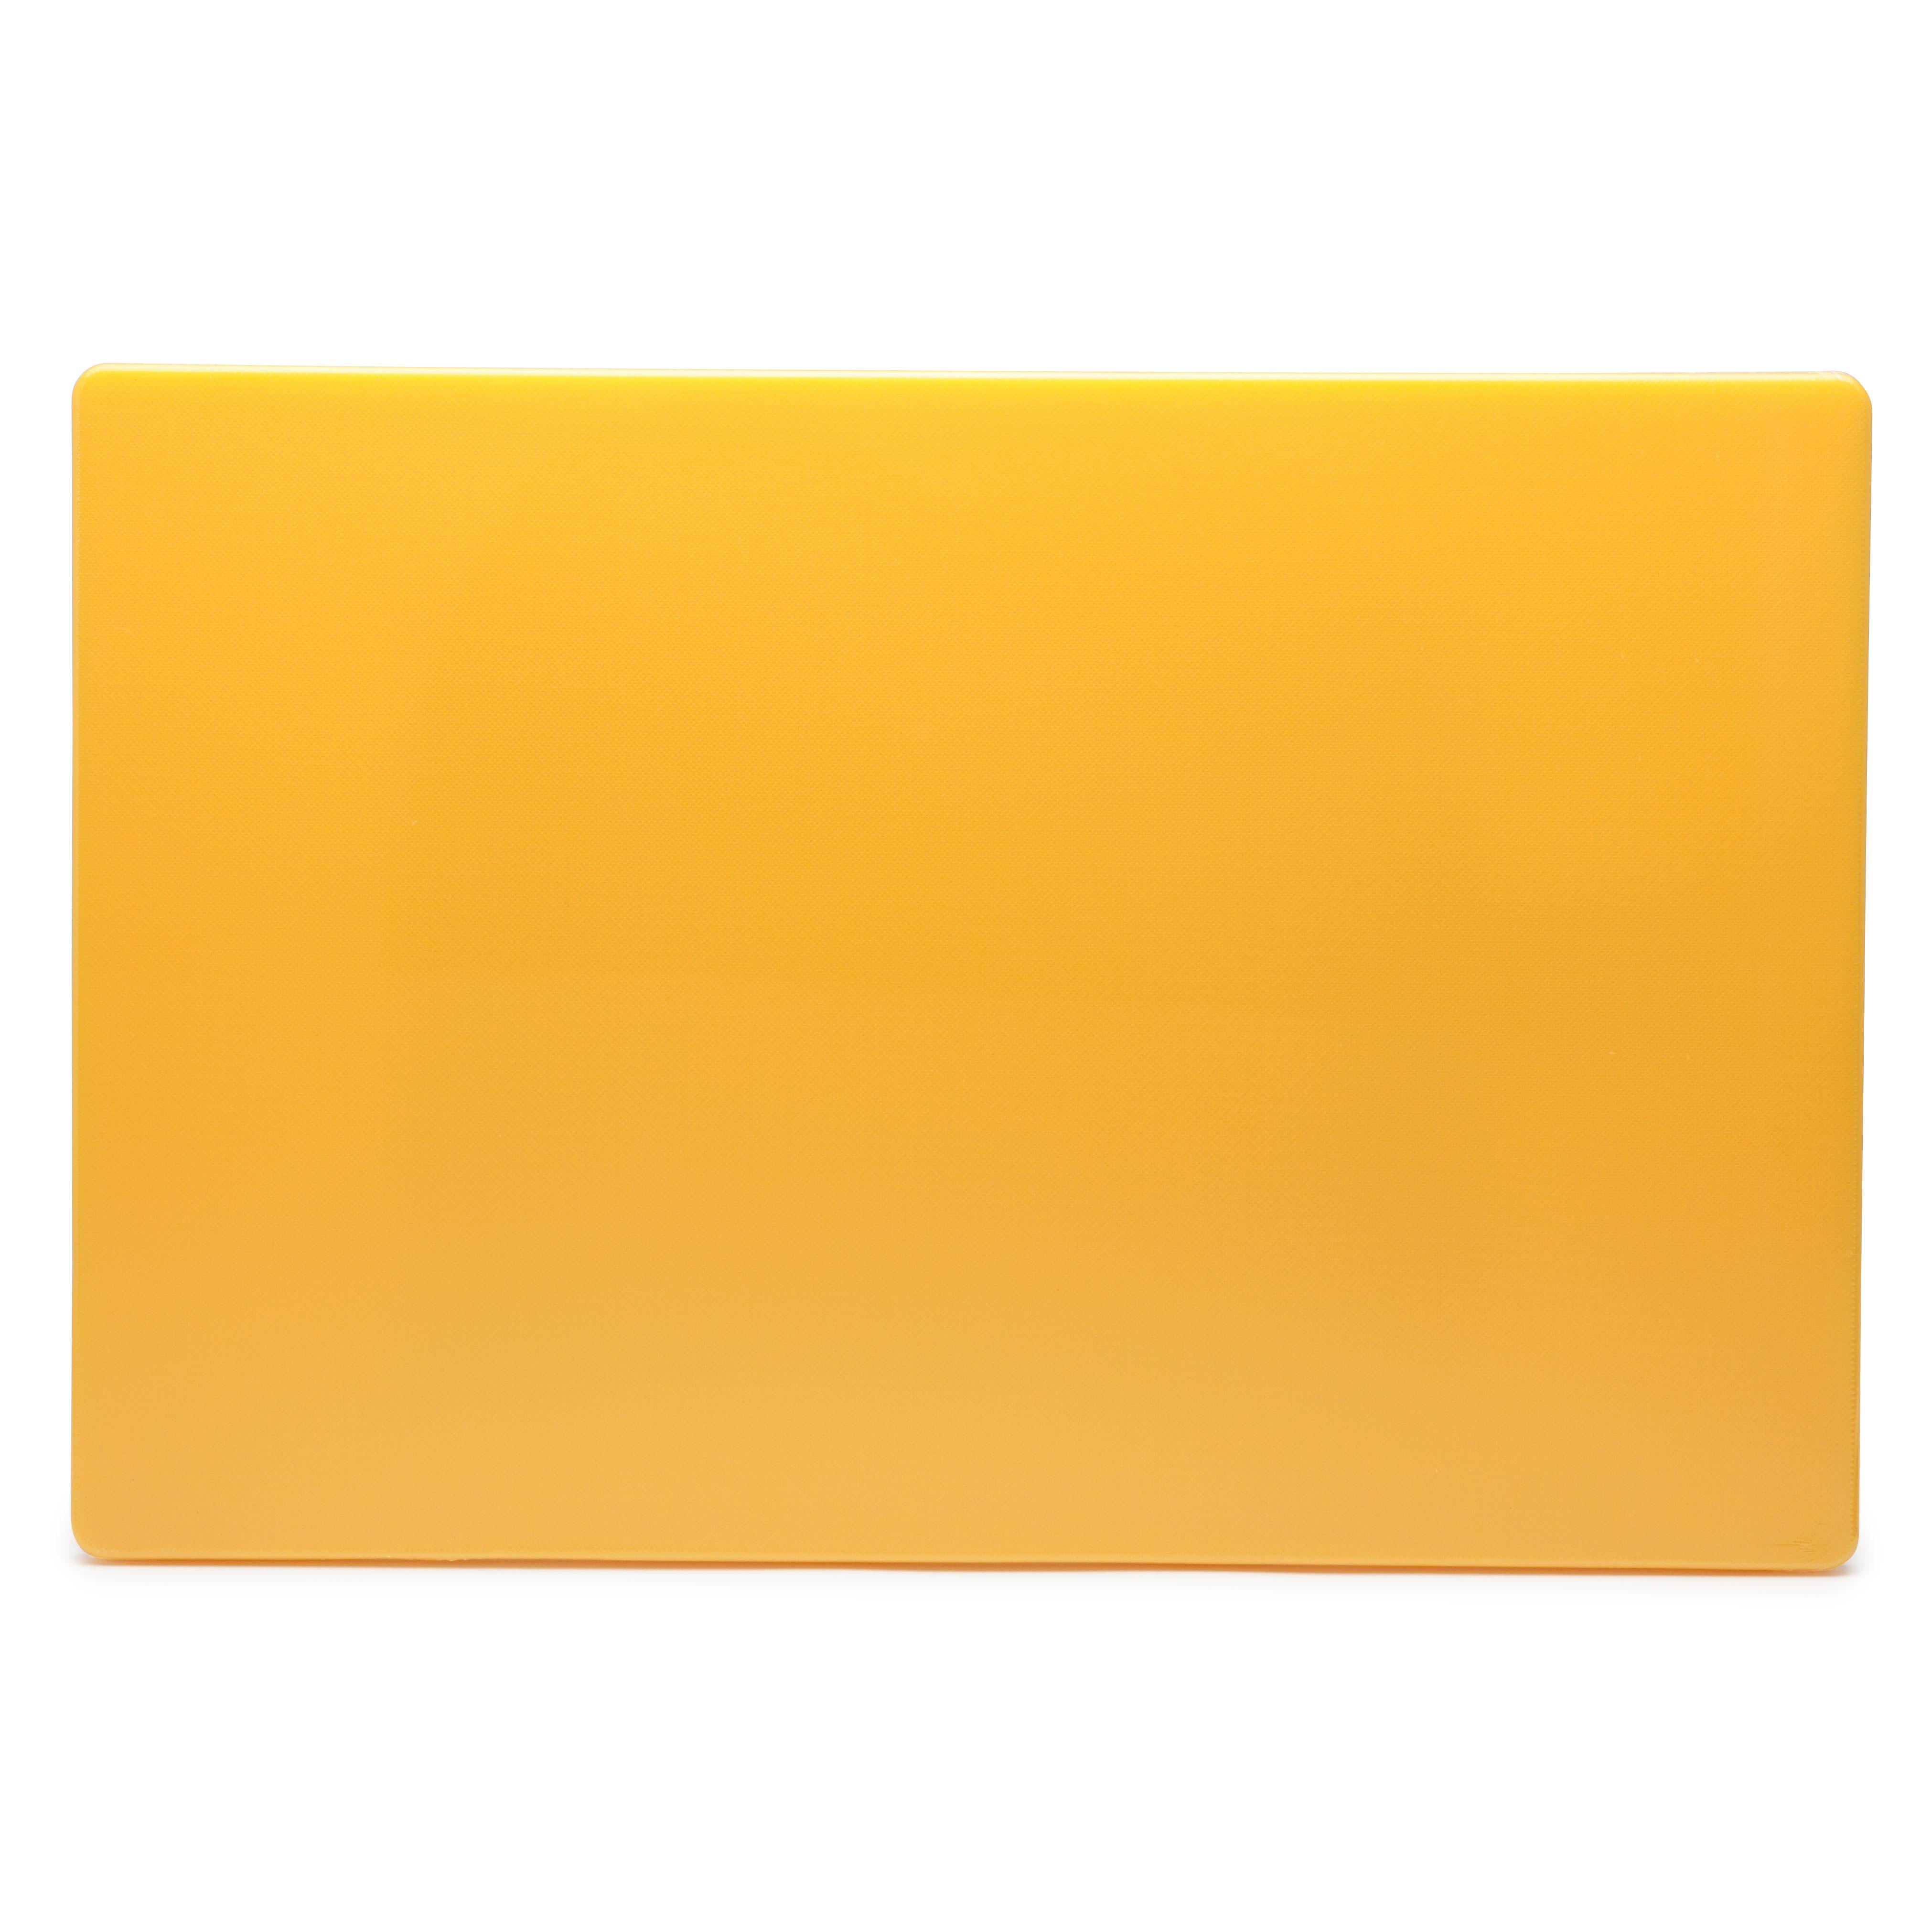 Royal Industries ROY CB 1520 Y cutting board, plastic